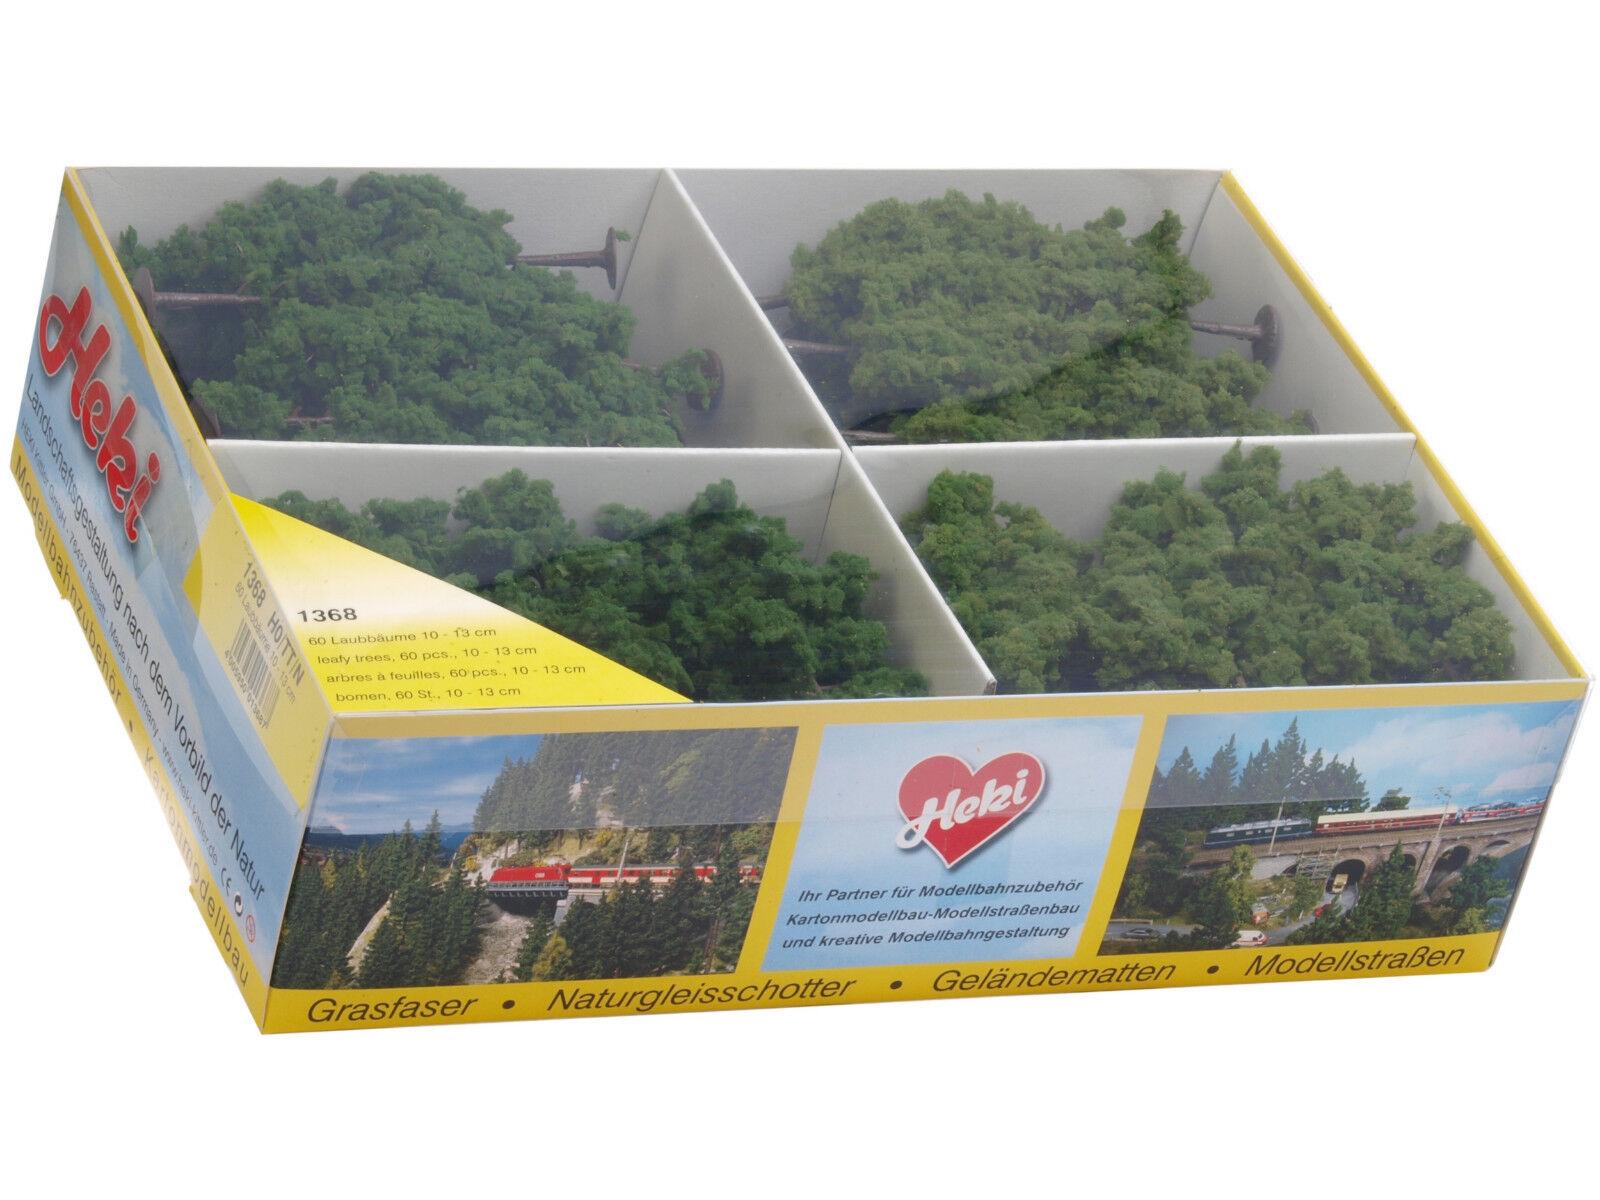 Heki 1368 h0 tt n 60 árboles caducifolios 10-13 cm + + nuevo con embalaje original + +